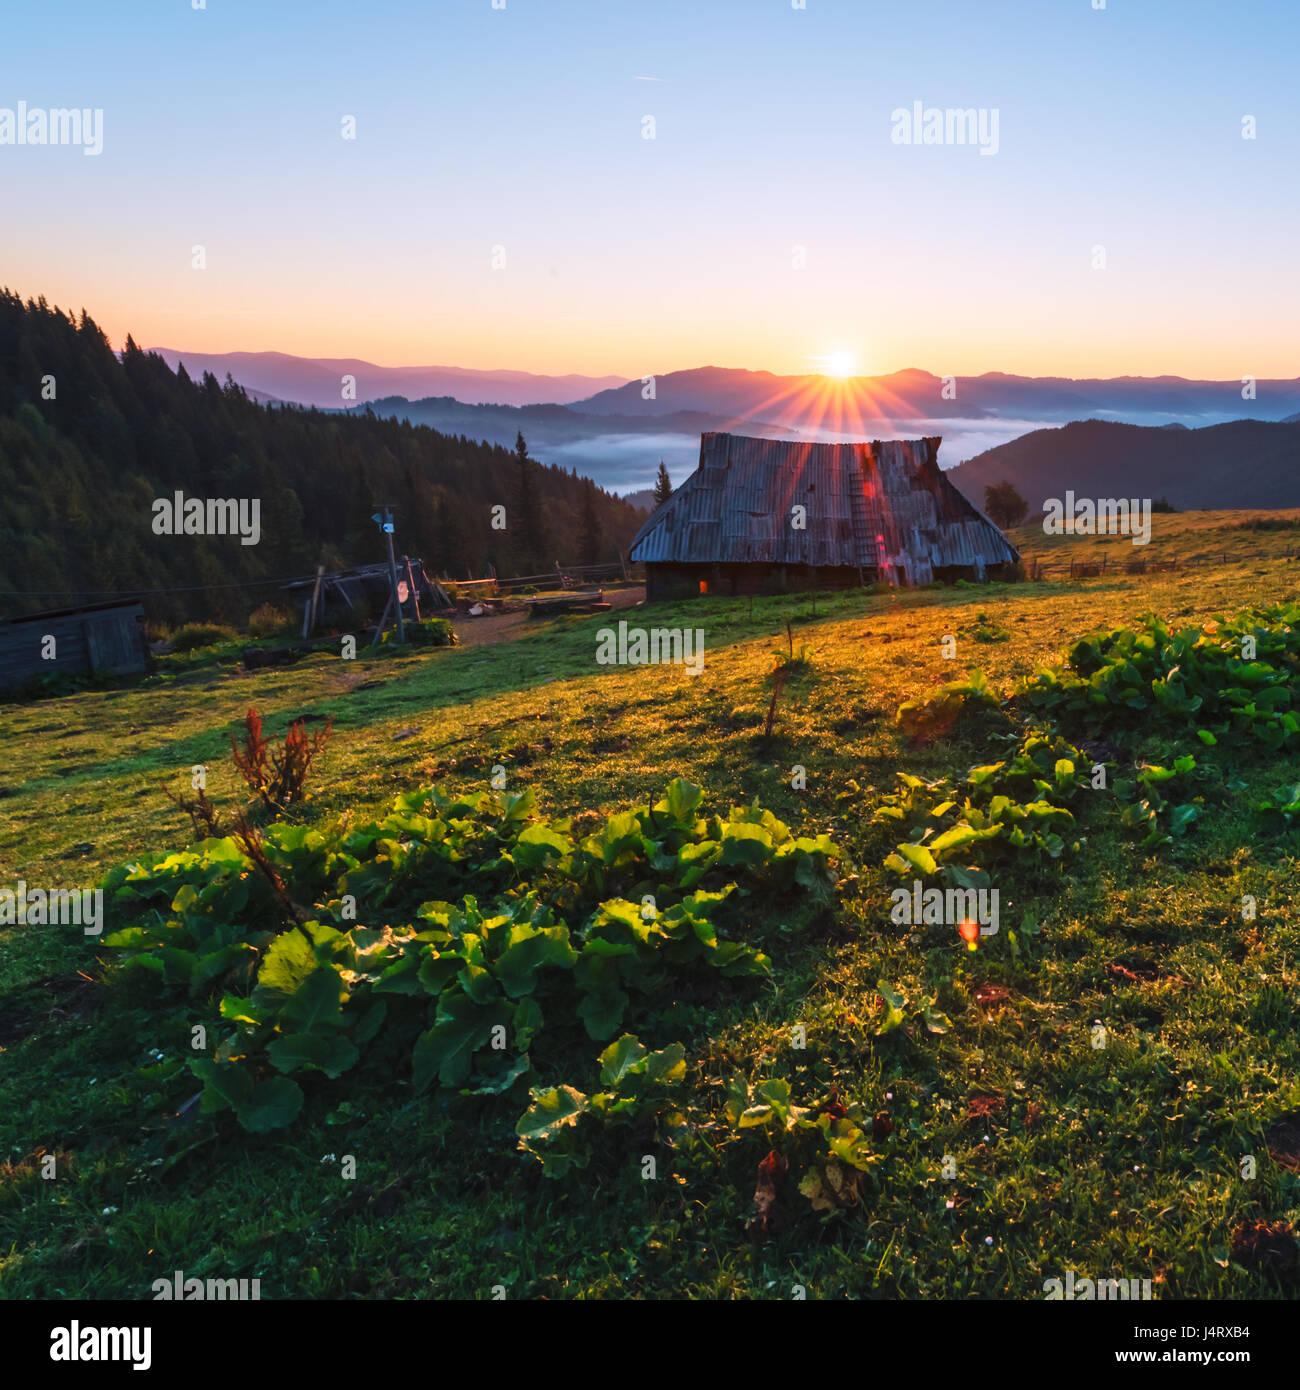 Casa de Pastor en alta montaña. Sunrice naranja resplandeciente por la luz del sol. La hora de verano en Highland Imagen De Stock